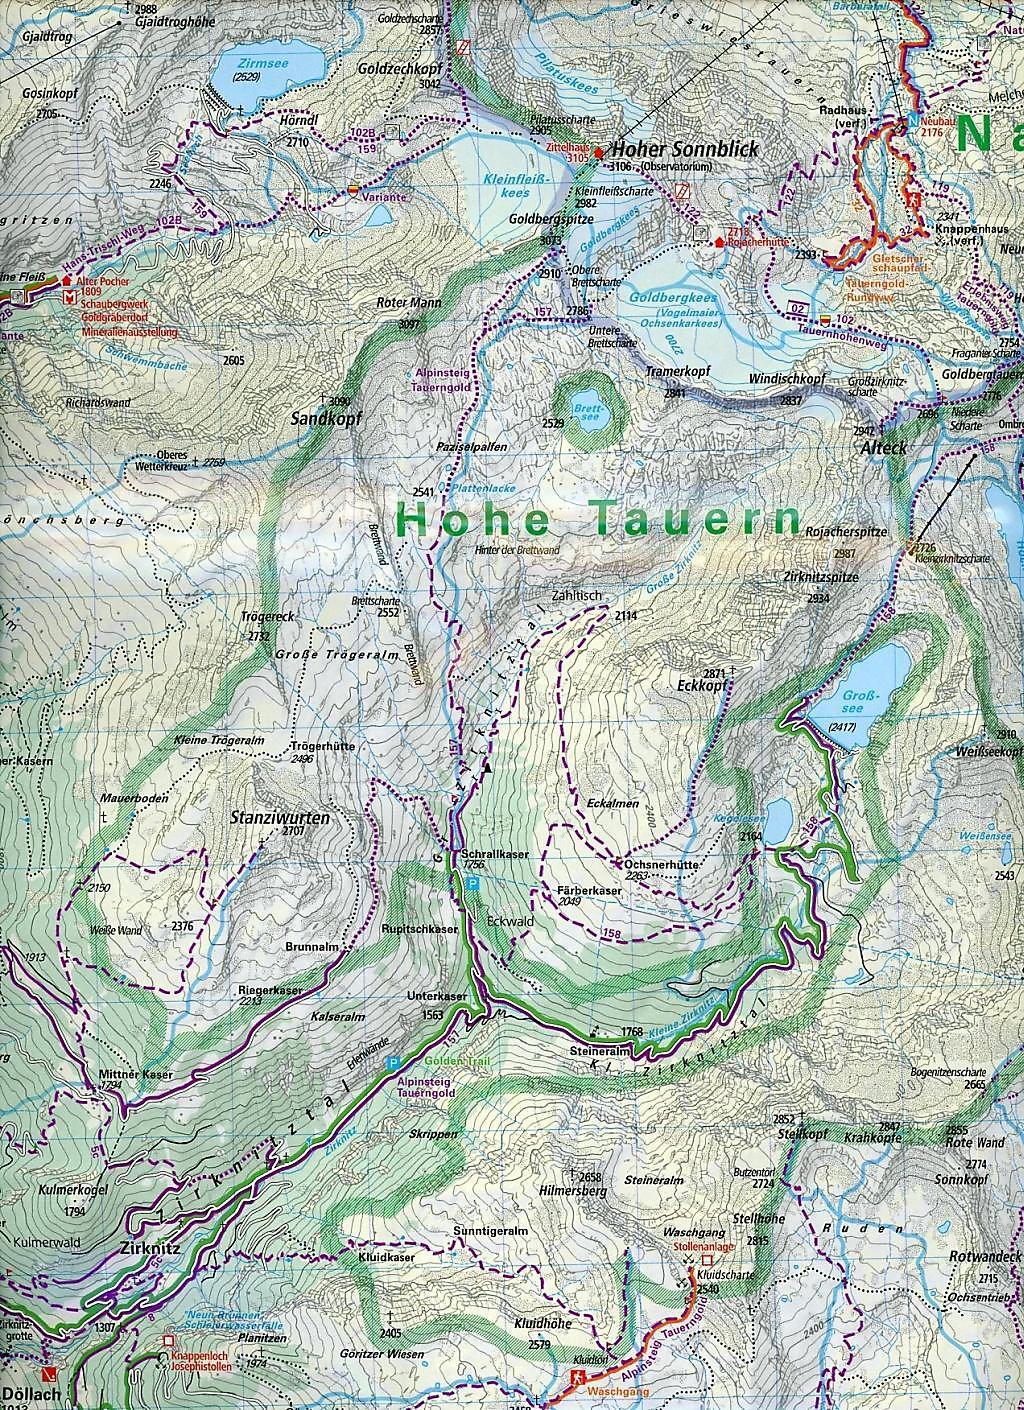 Großglockner Karte.Kümmerly Frey Outdoorkarte österreich Großglockner Buch